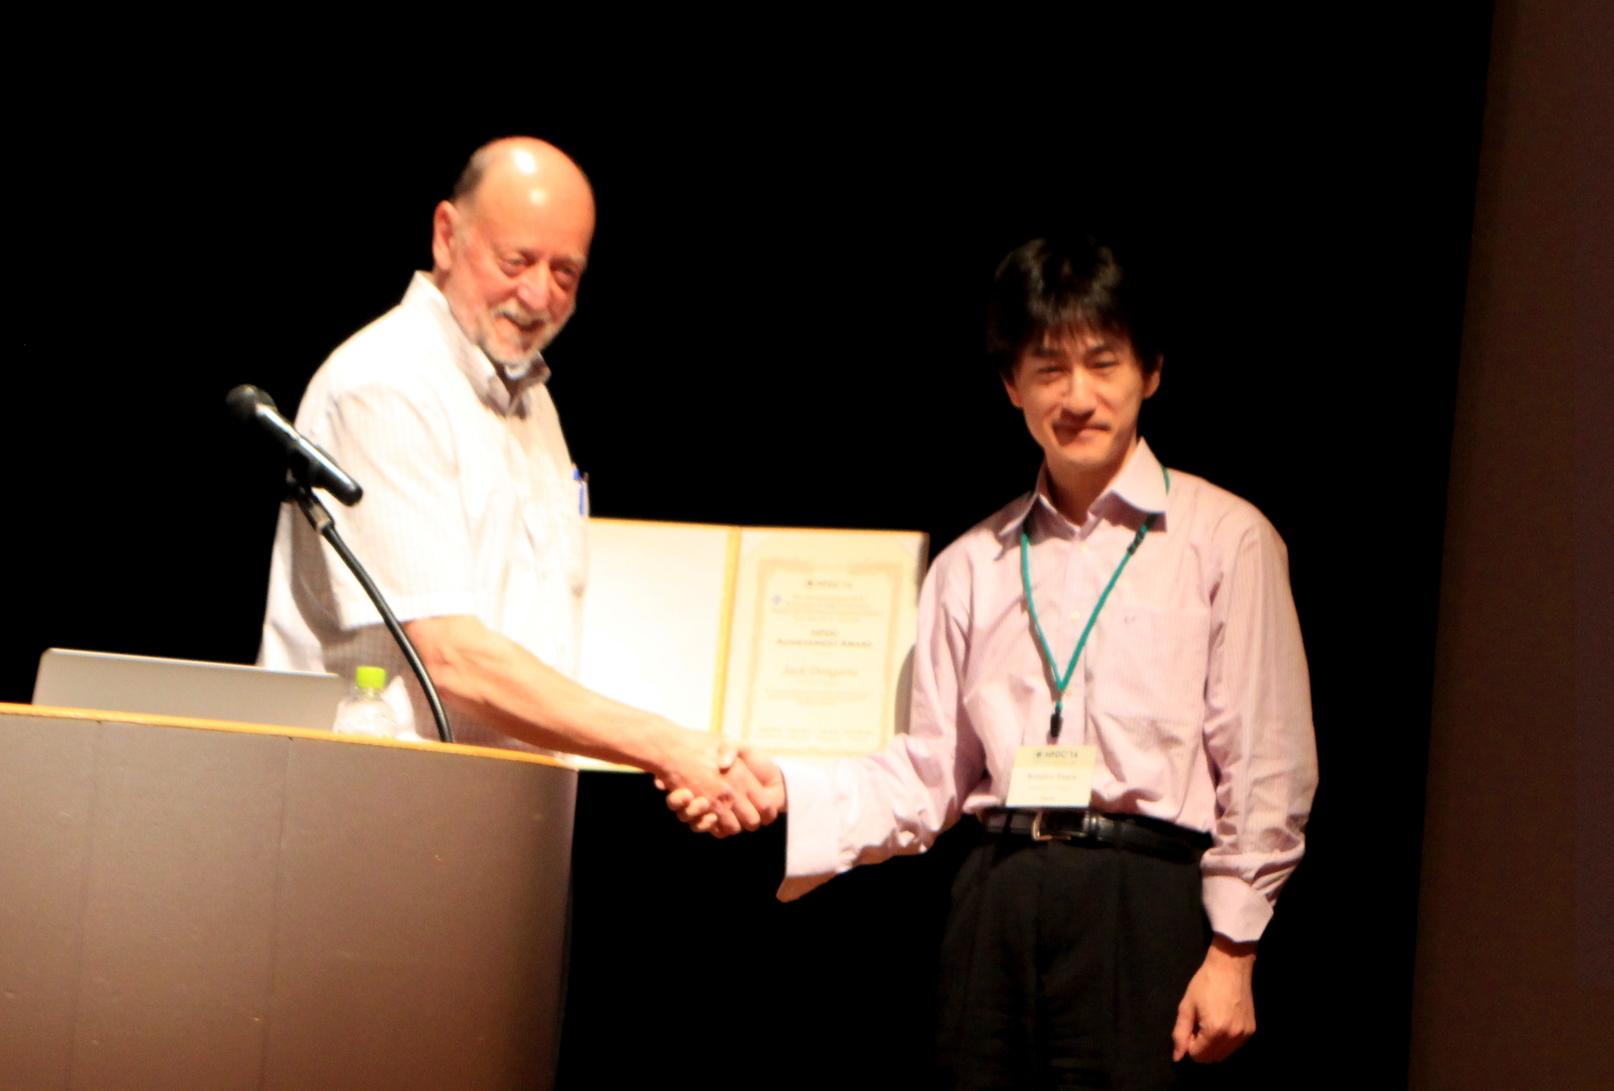 HPDC Achievement Award